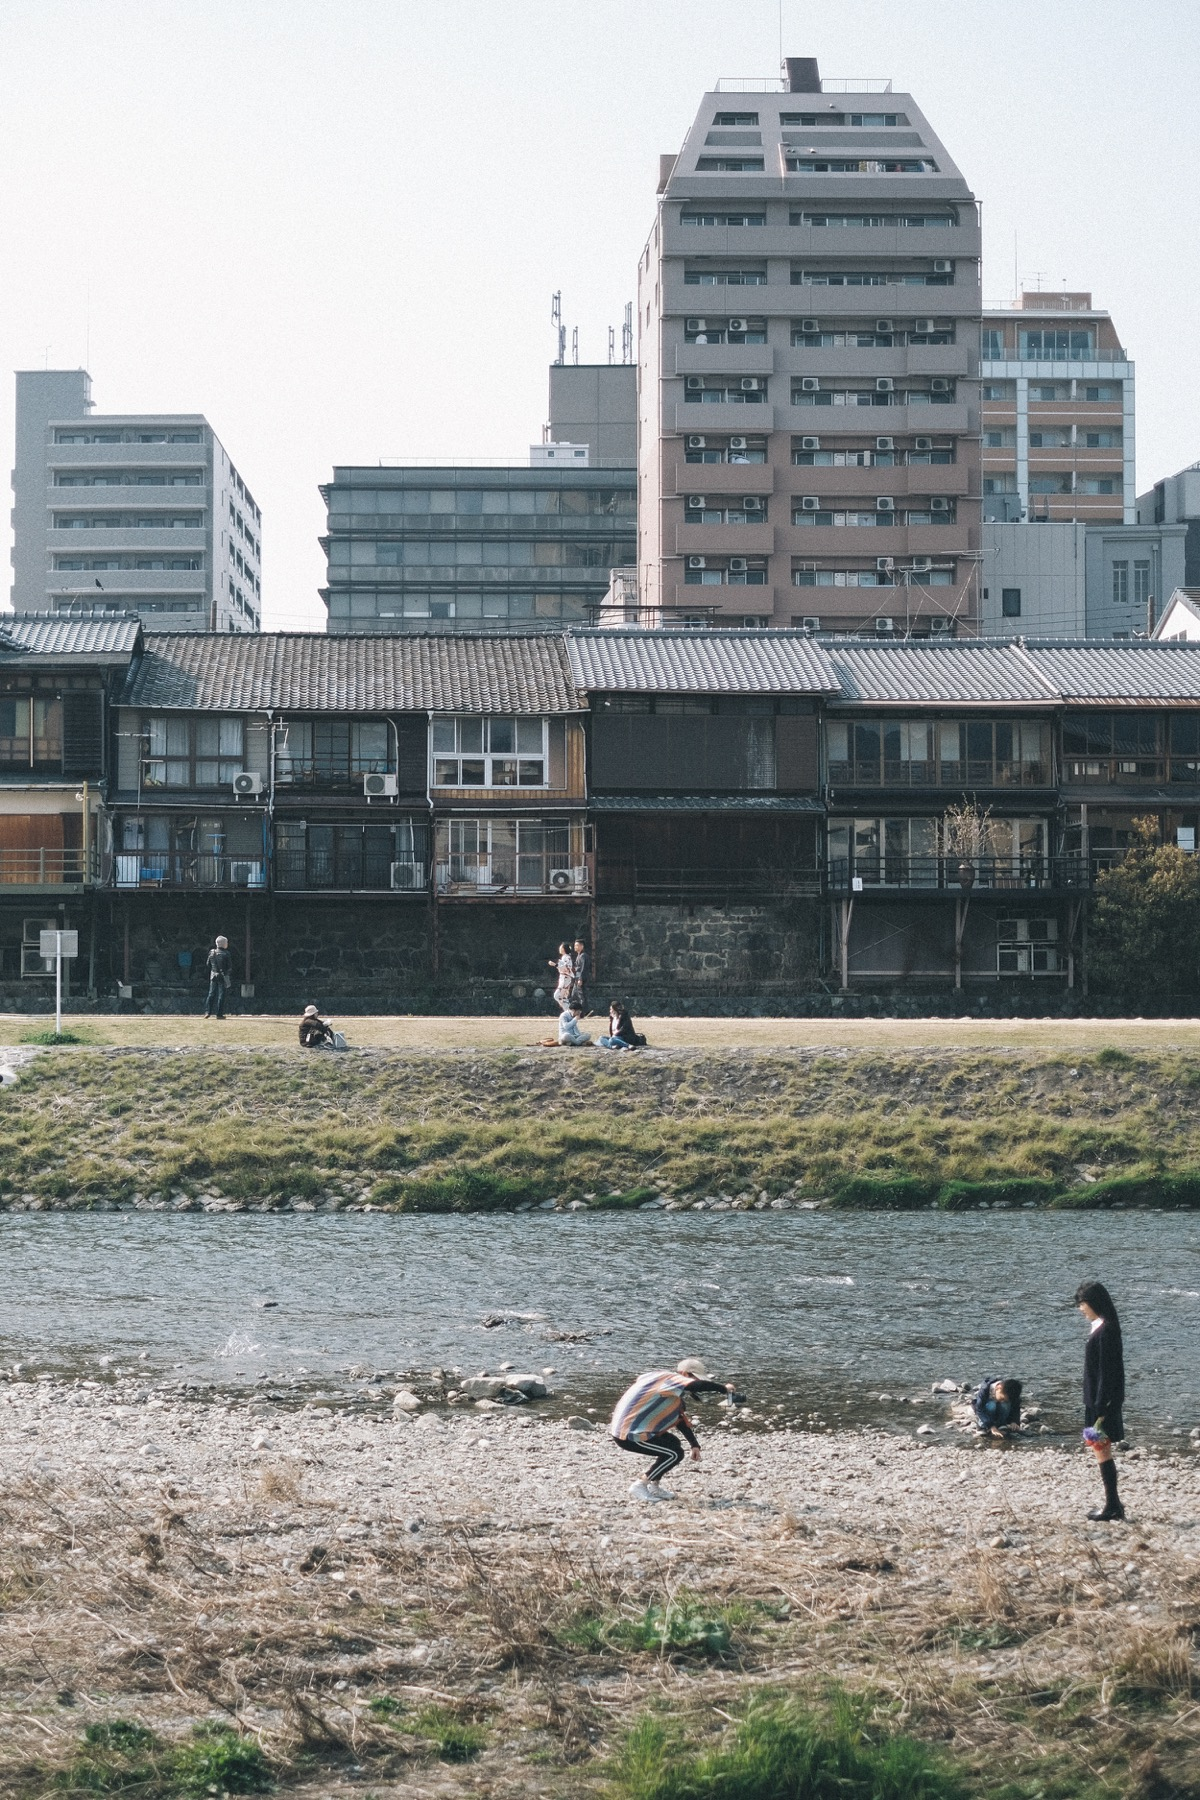 Kinlake-Kyoto-Lifestyle-2018-7070-2